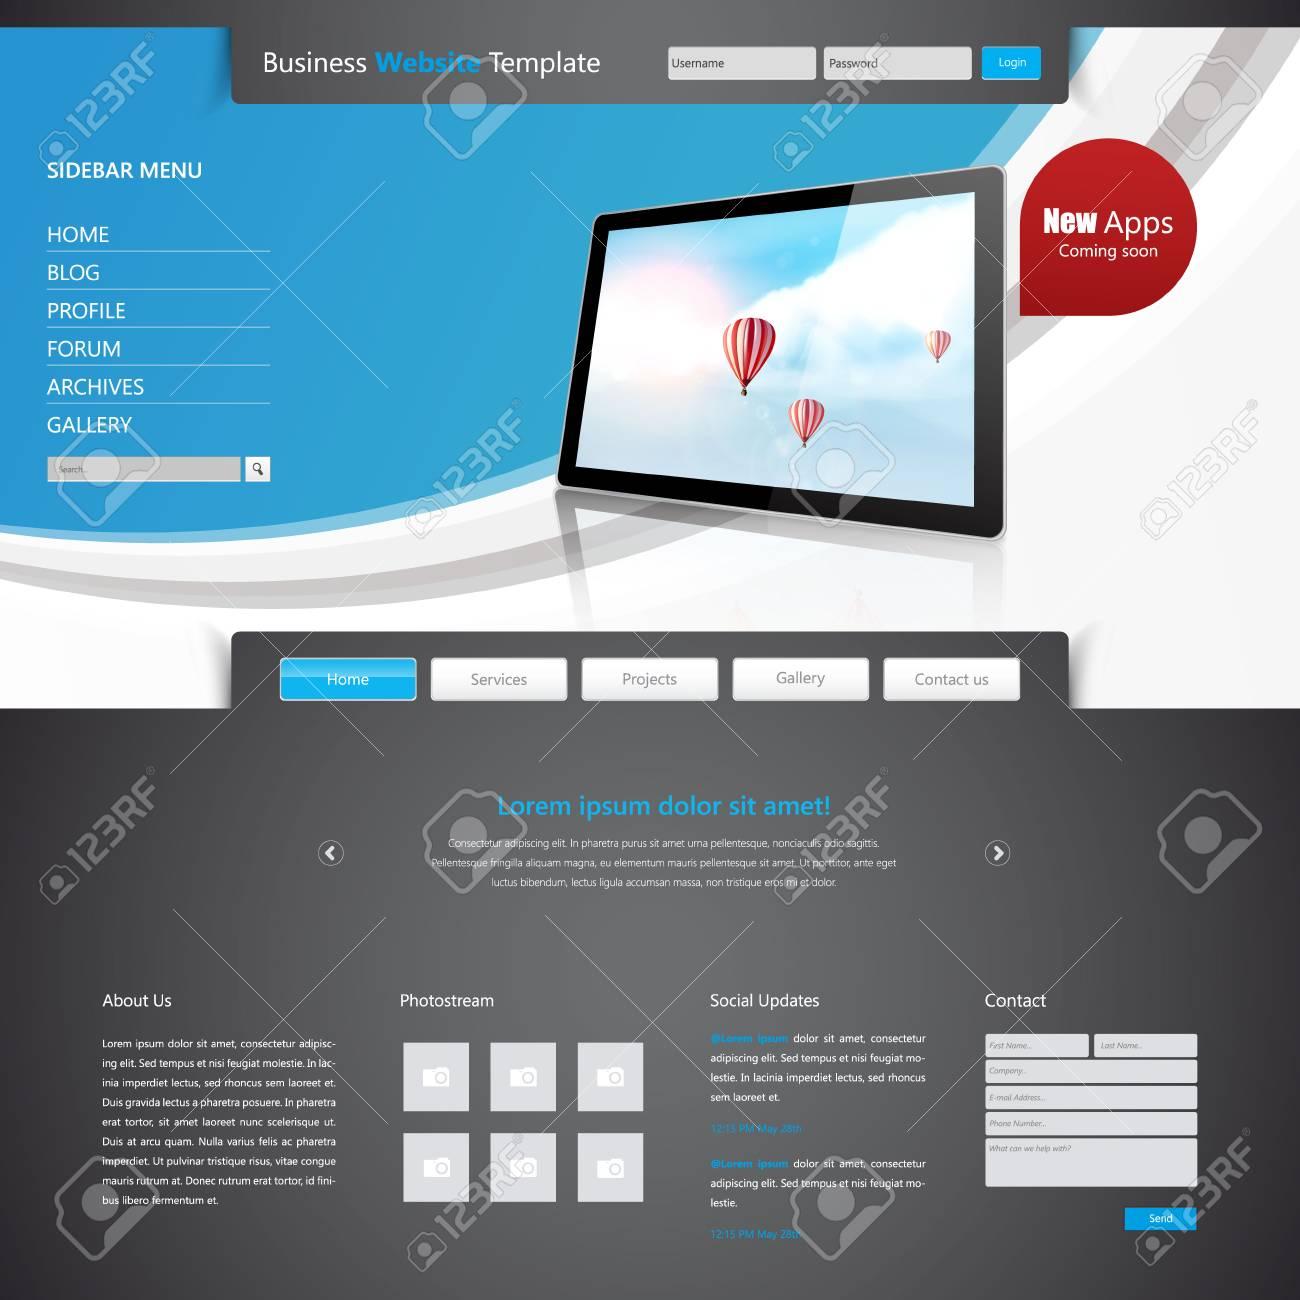 Moderno Negocio Limpio Diseño Plantilla De Sitio Web, Ilustración ...